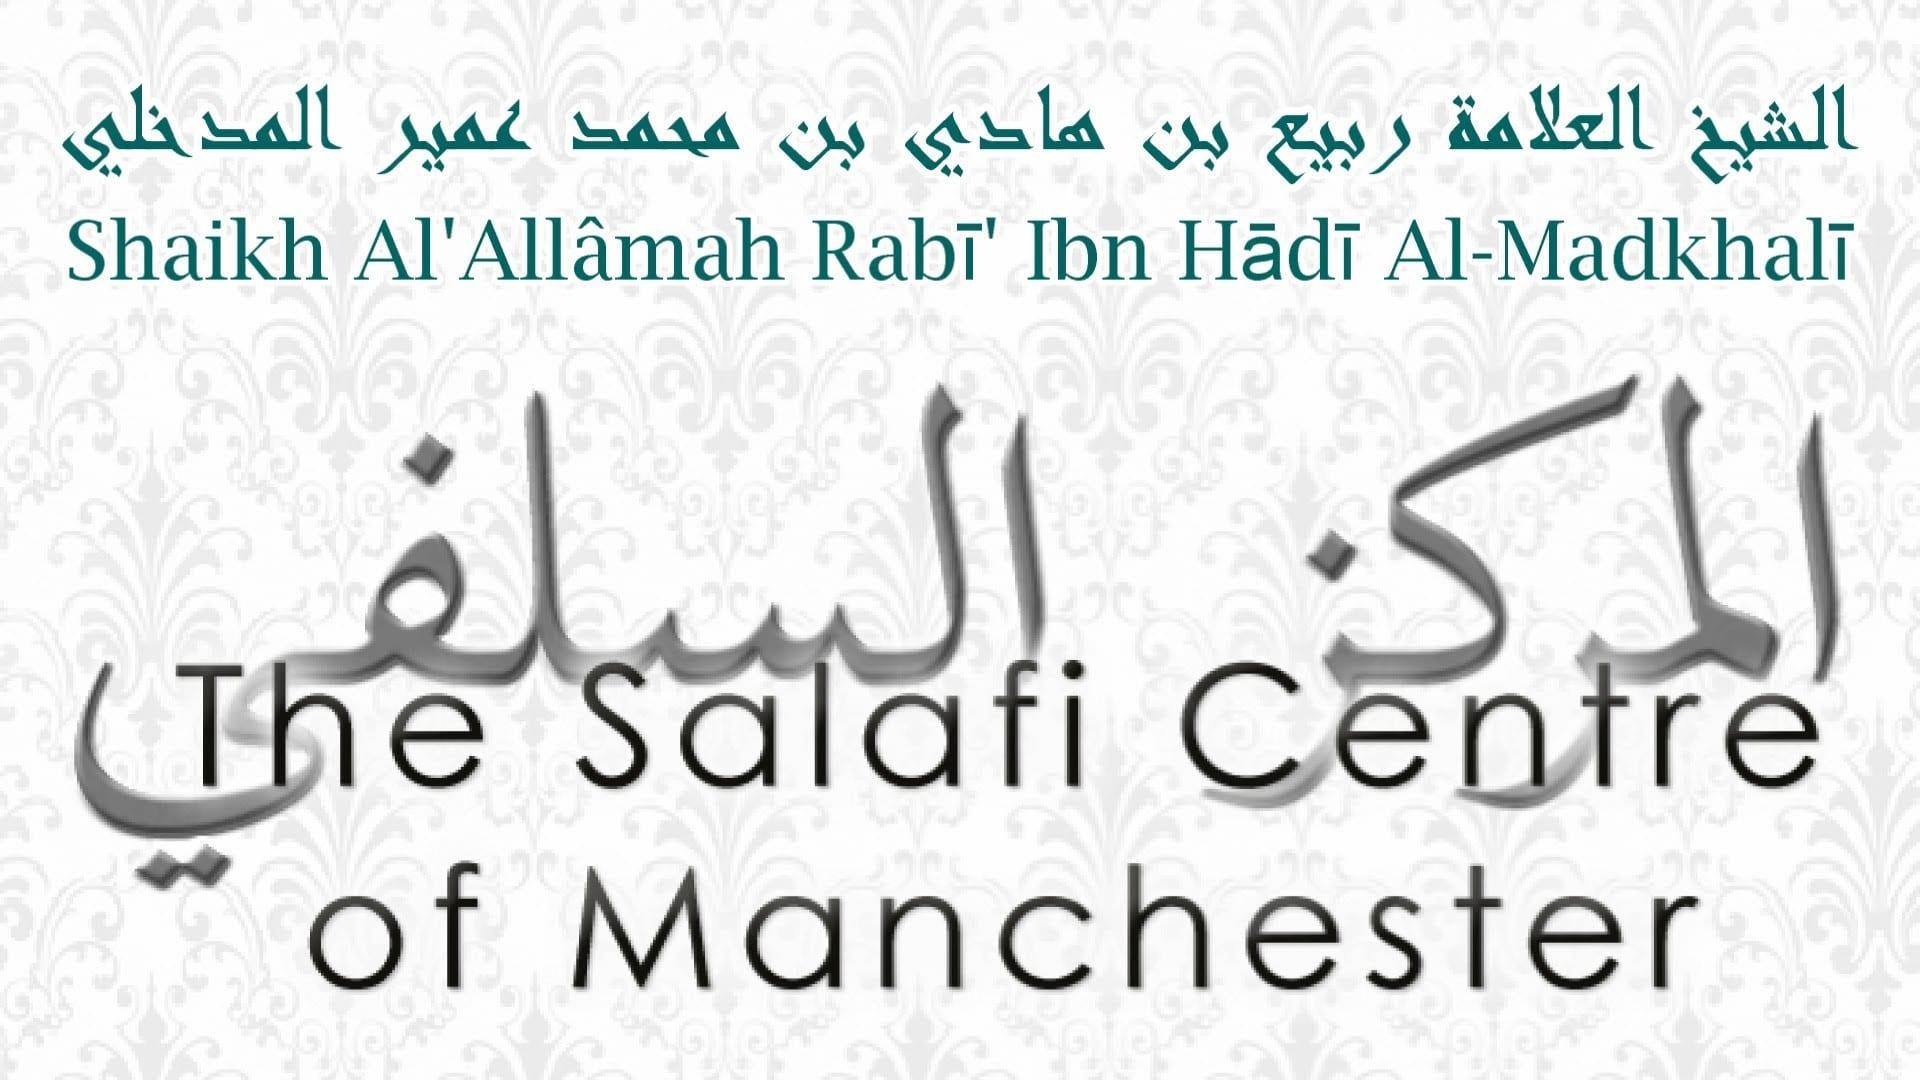 Tawhid, Sincerity, Taqwaa, Unity & Brotherhood | Advice of Shaikh Rabī' al-Madkhalī